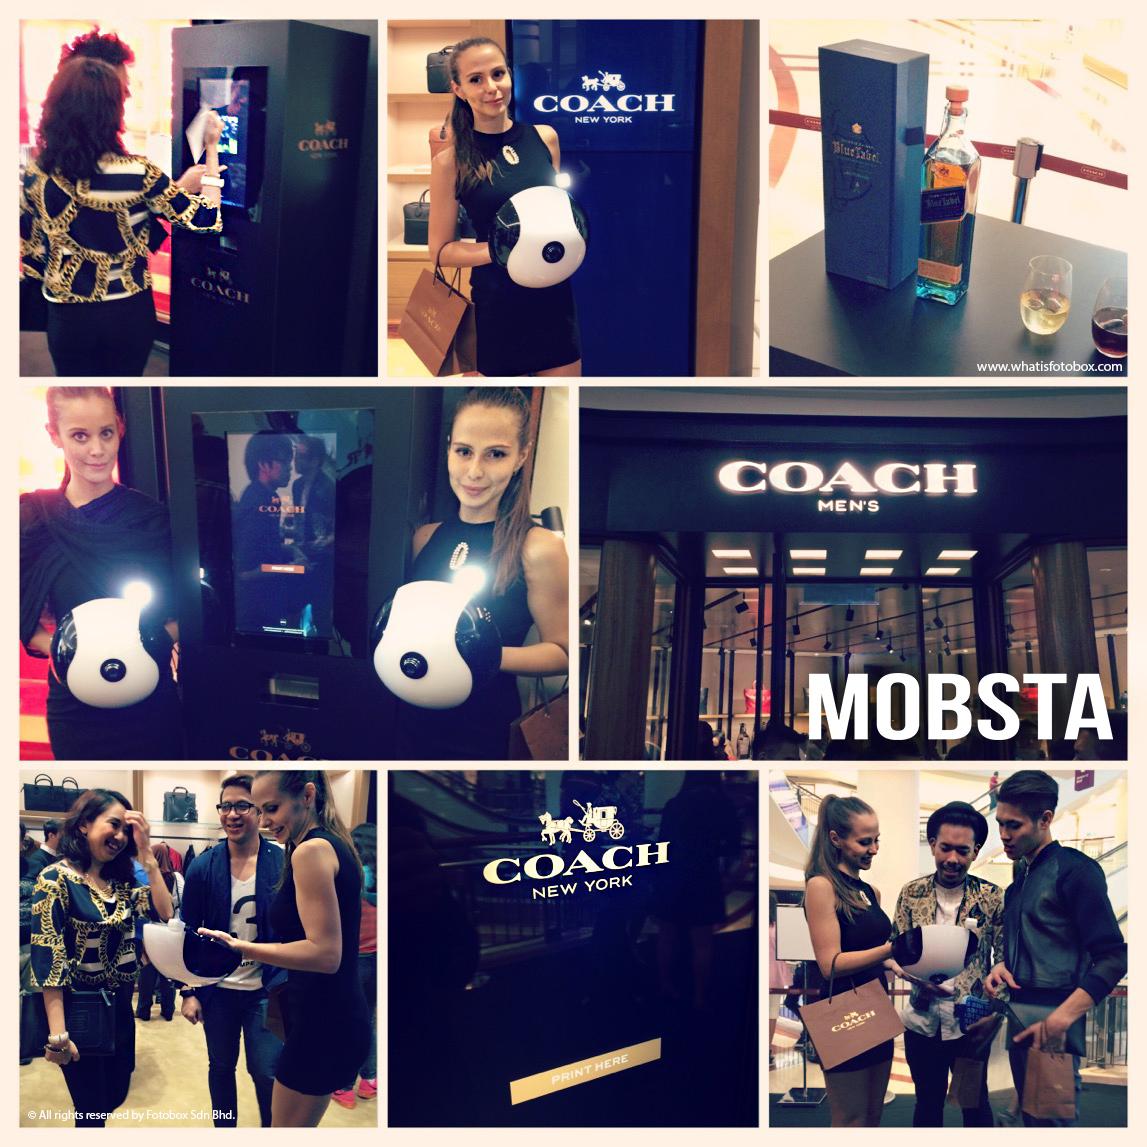 Coach Mobsta.jpg